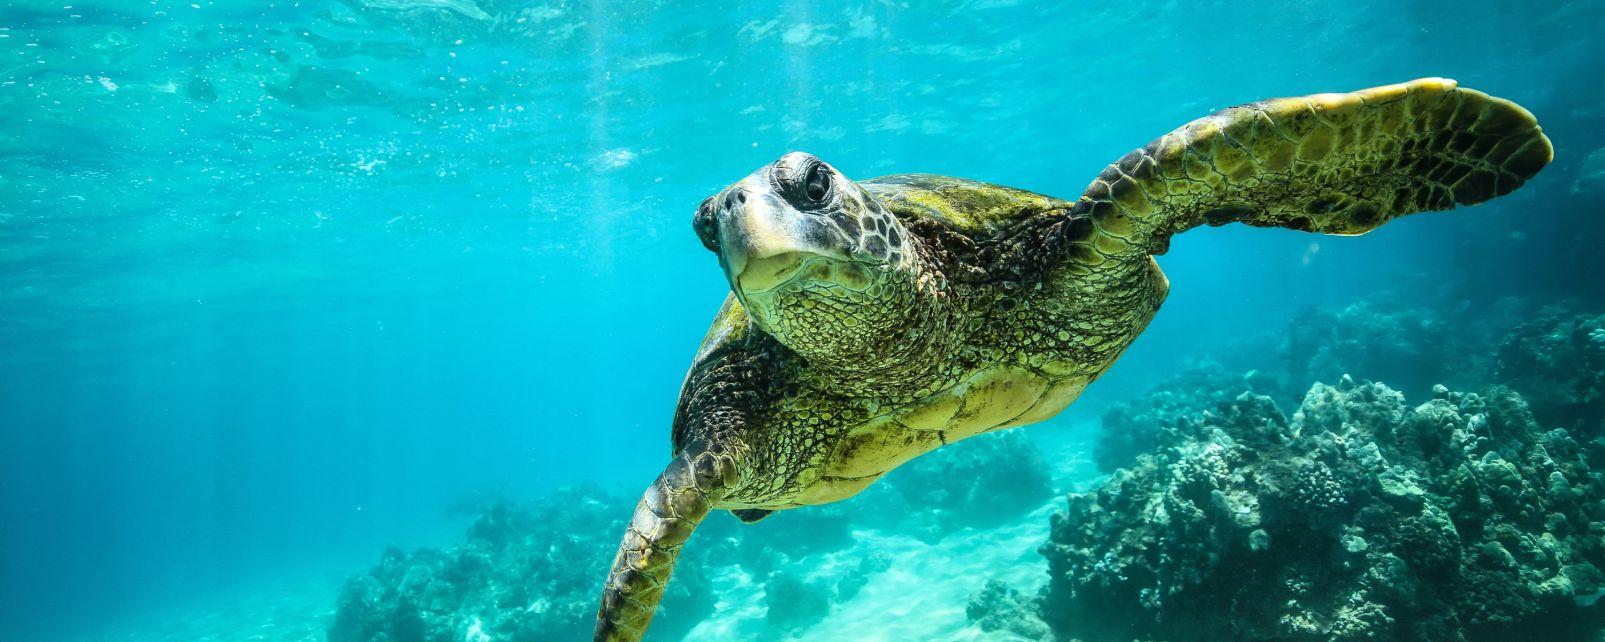 La faune et la flore, philippines, asie, faune, sous-marin, animal, poisson, mer, océan, baliste